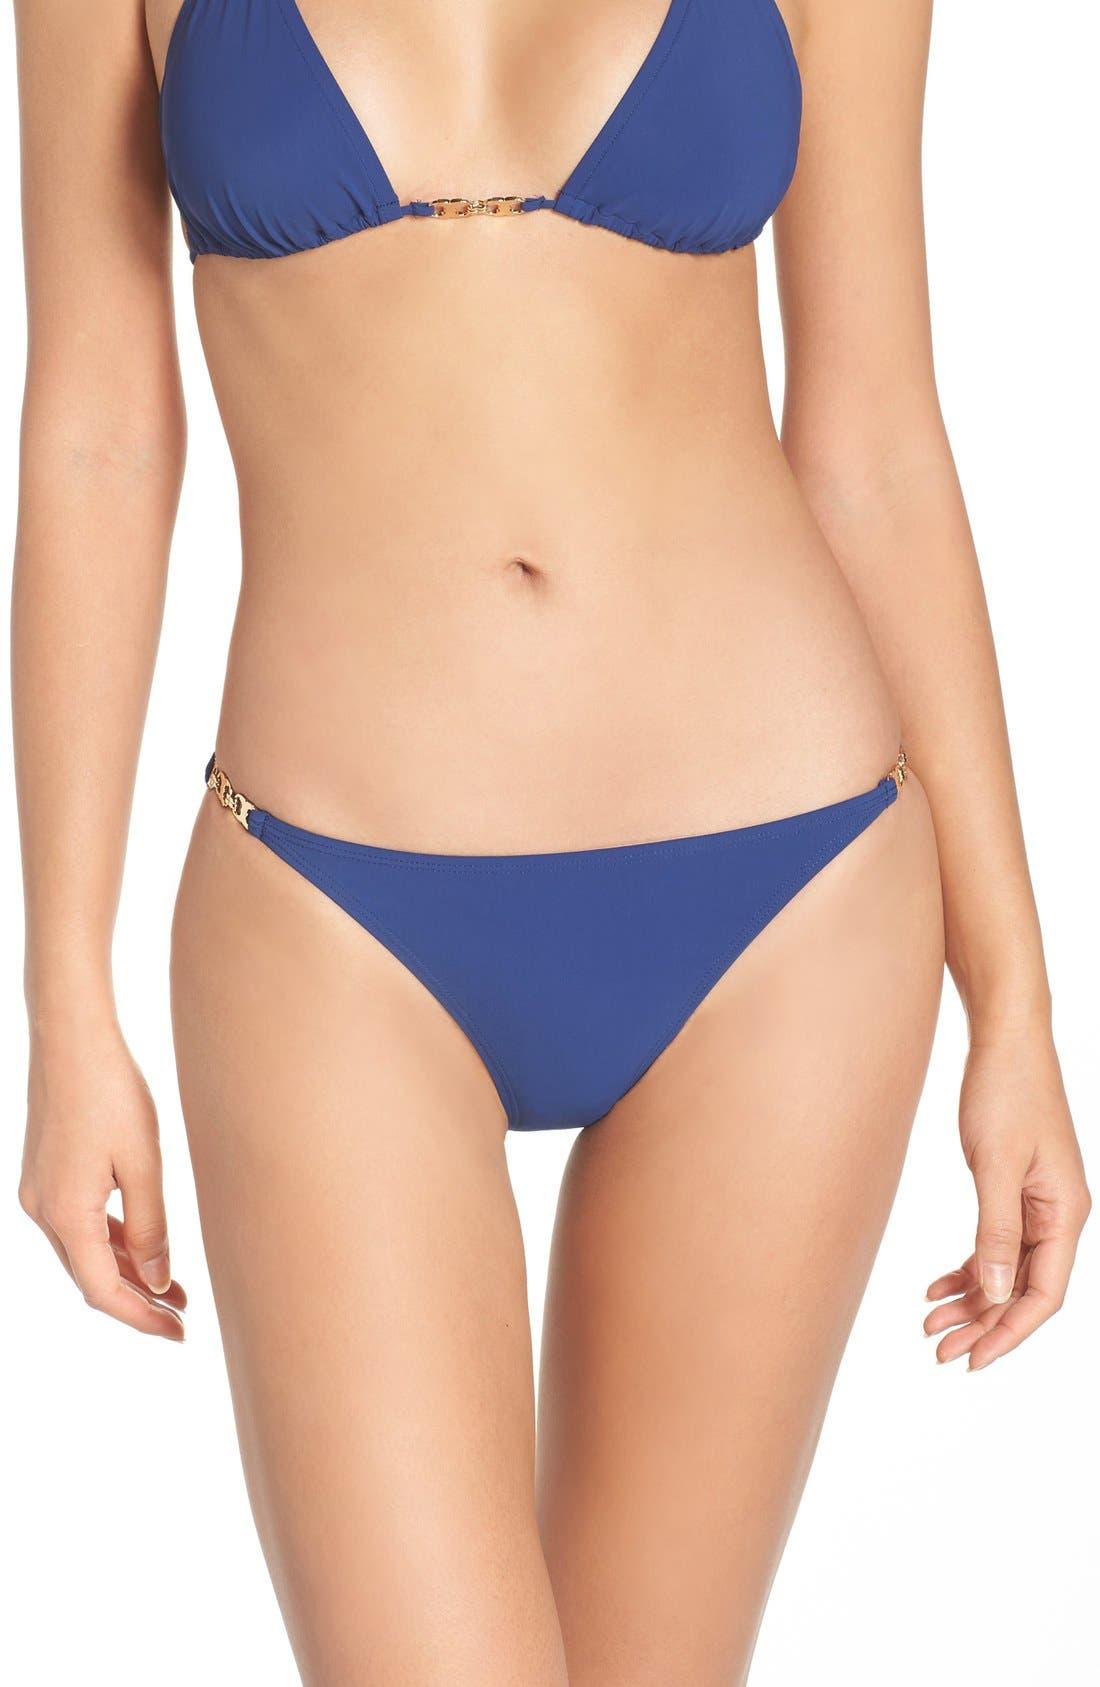 Gemini Link Bikini Bottoms,                             Main thumbnail 1, color,                             Capri Blue